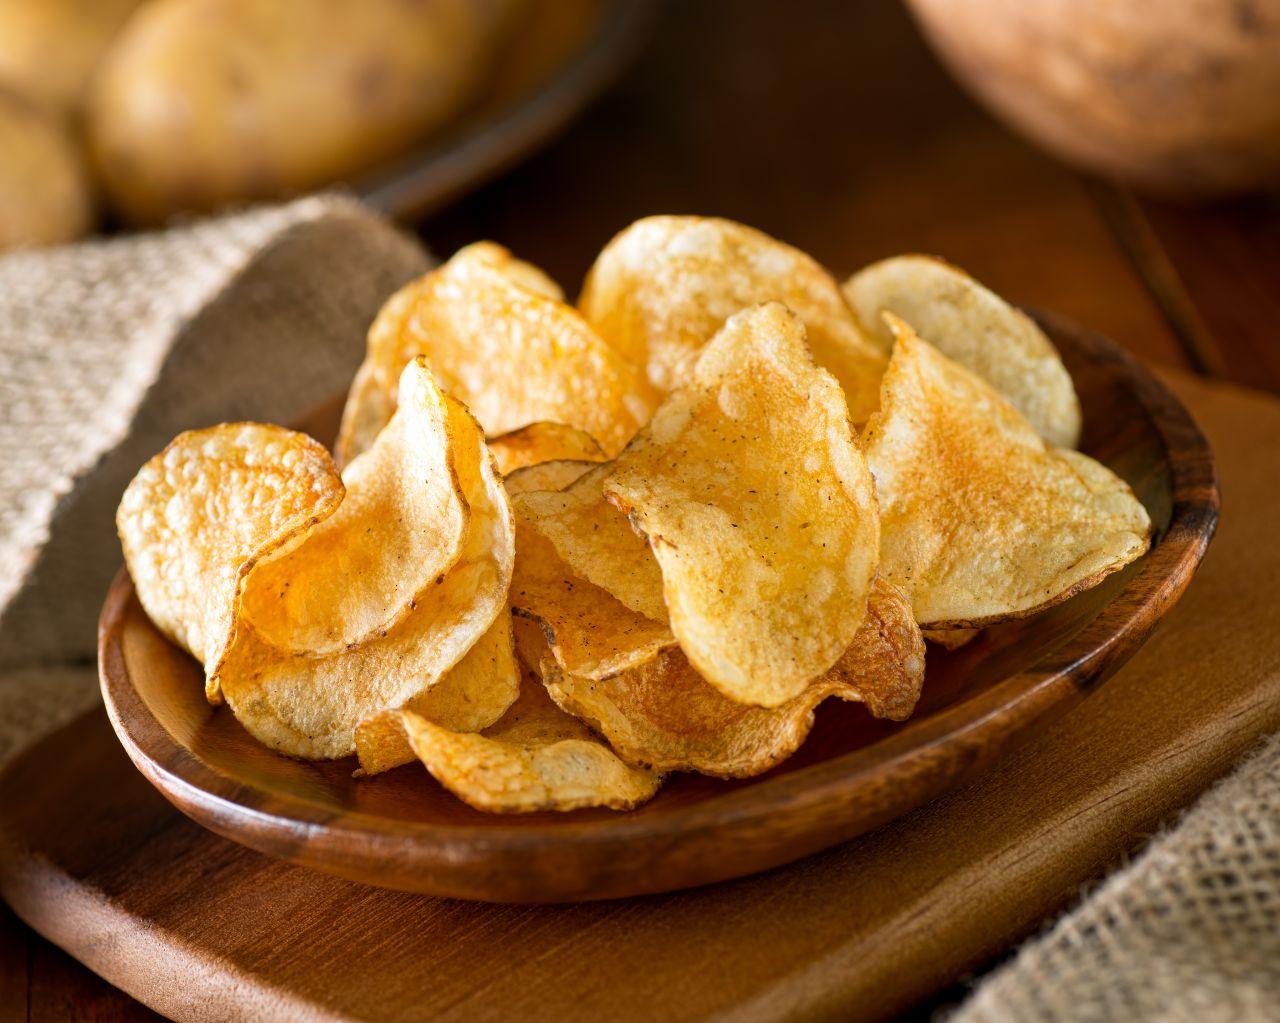 Kartoffel-Chips in einer Schüssel